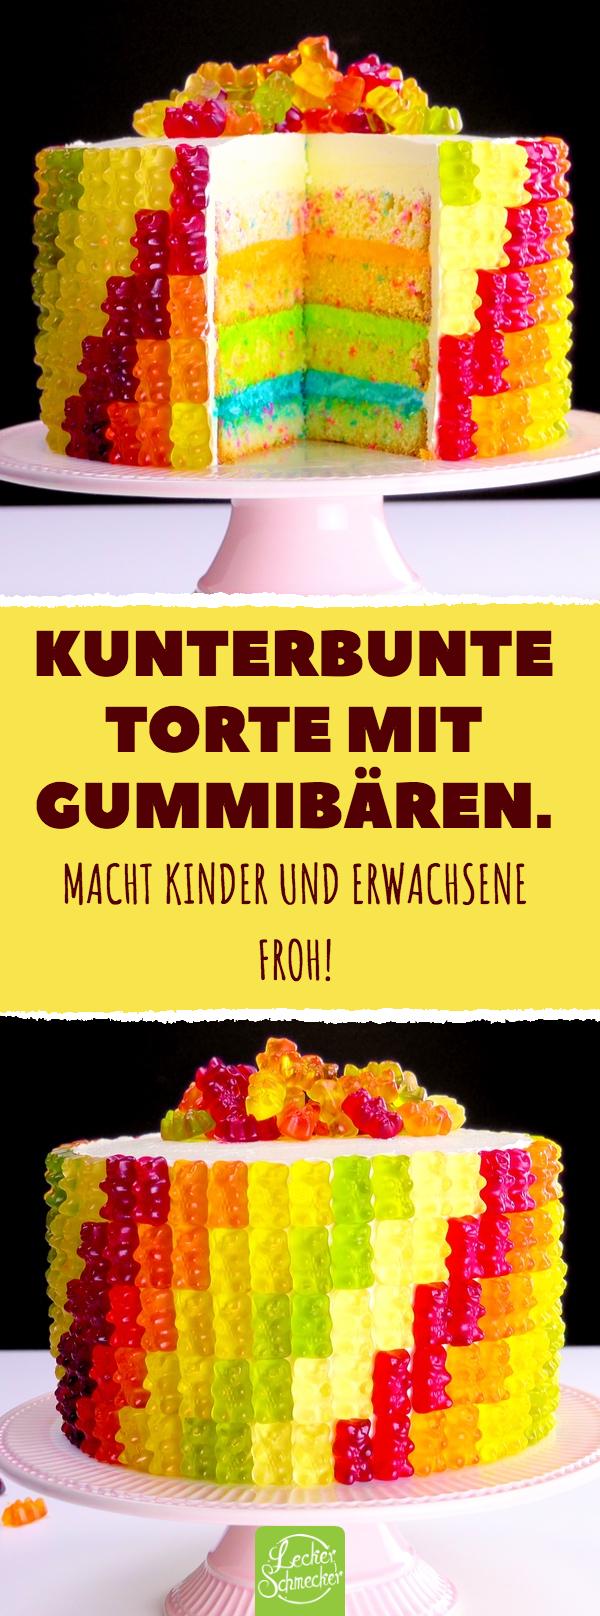 Kunterbunte Torte mit Gummibären. Macht Kinder und Erwachsene froh! #rezepte #gummibären #torte #kuchen #bunt #tortenrezepte